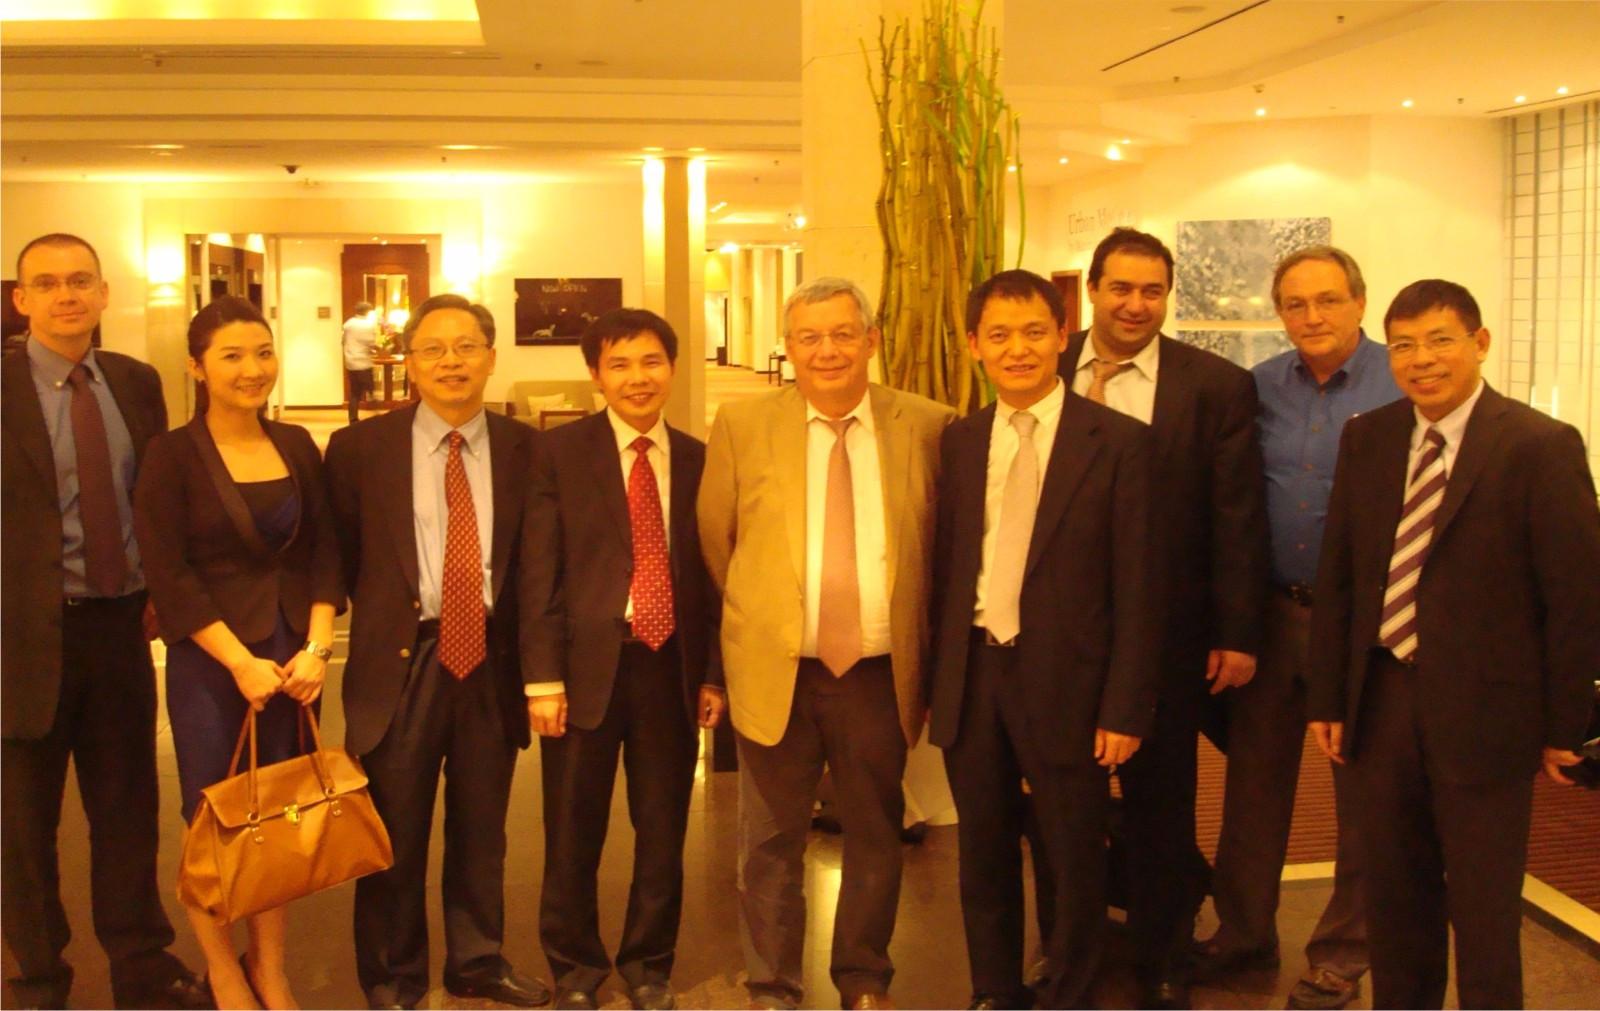 大族激光智能装备集团总经理陈焱 让中国制造走向世界的 大国工匠 MFC图片 370326 1600x1011